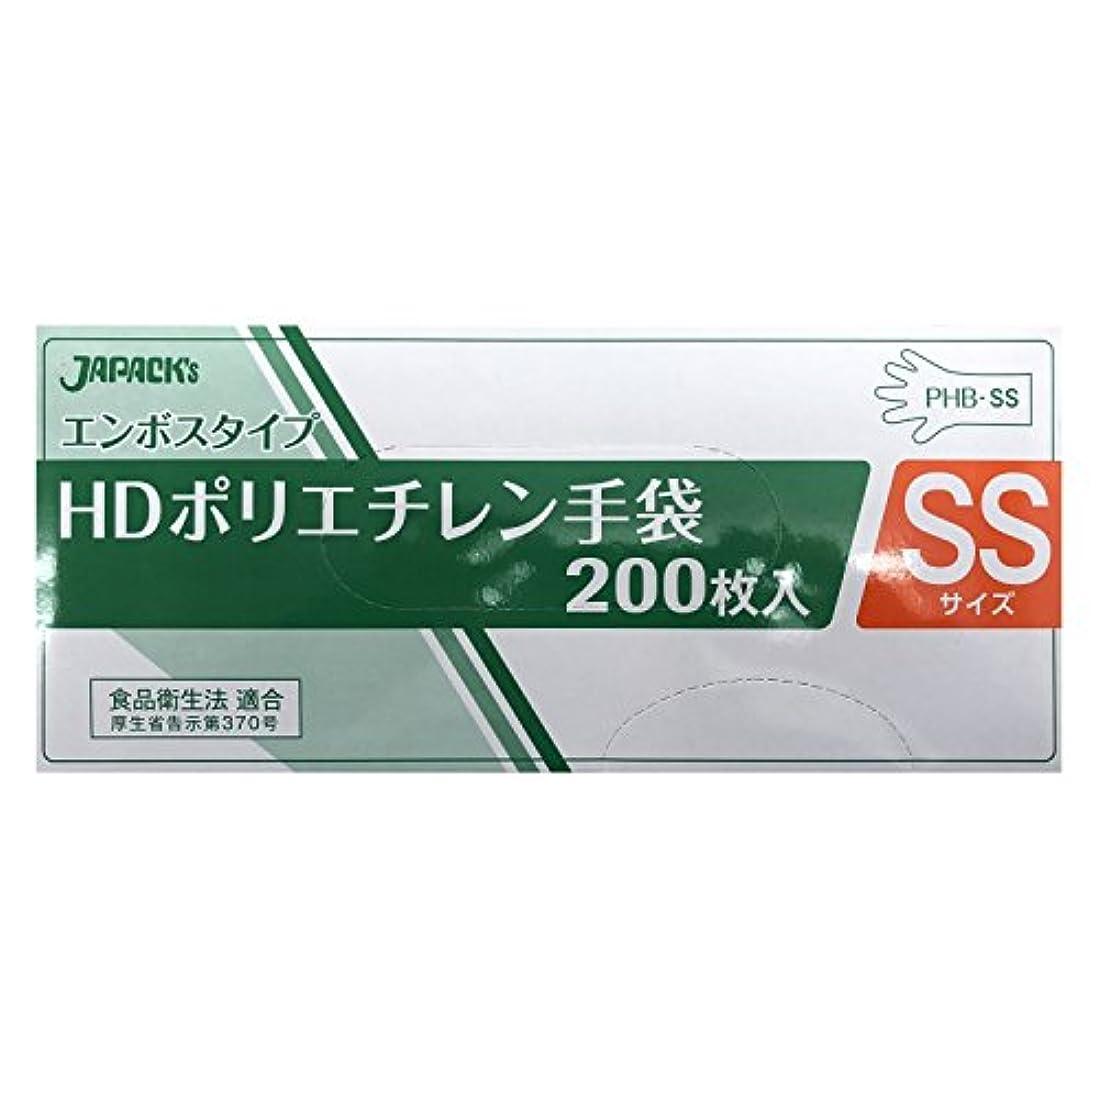 ロケットスカルク議論するエンボスタイプ HDポリエチレン手袋 SSサイズ BOX 200枚入 無着色 PHB-SS